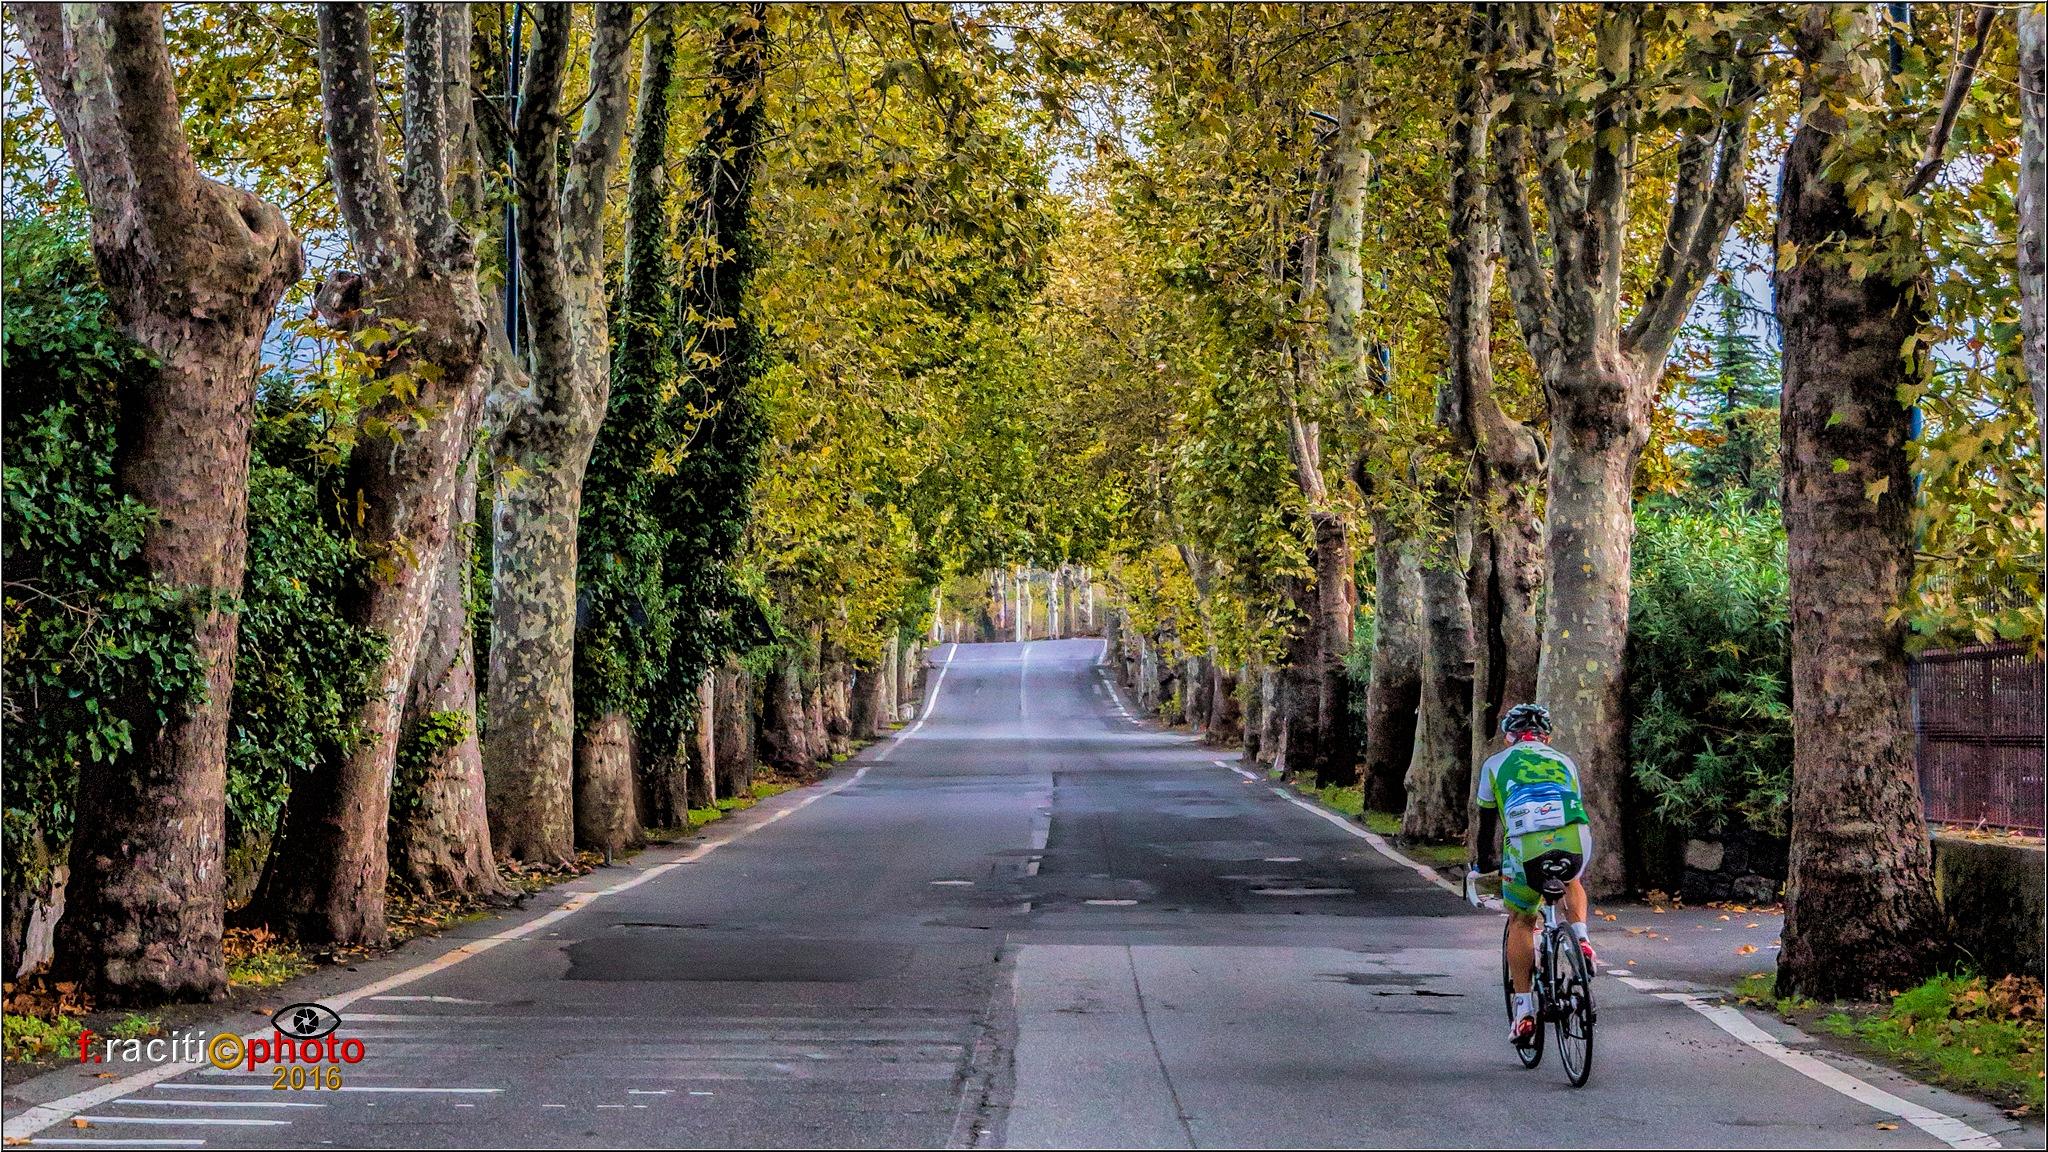 cyclist by Francesco Raciti